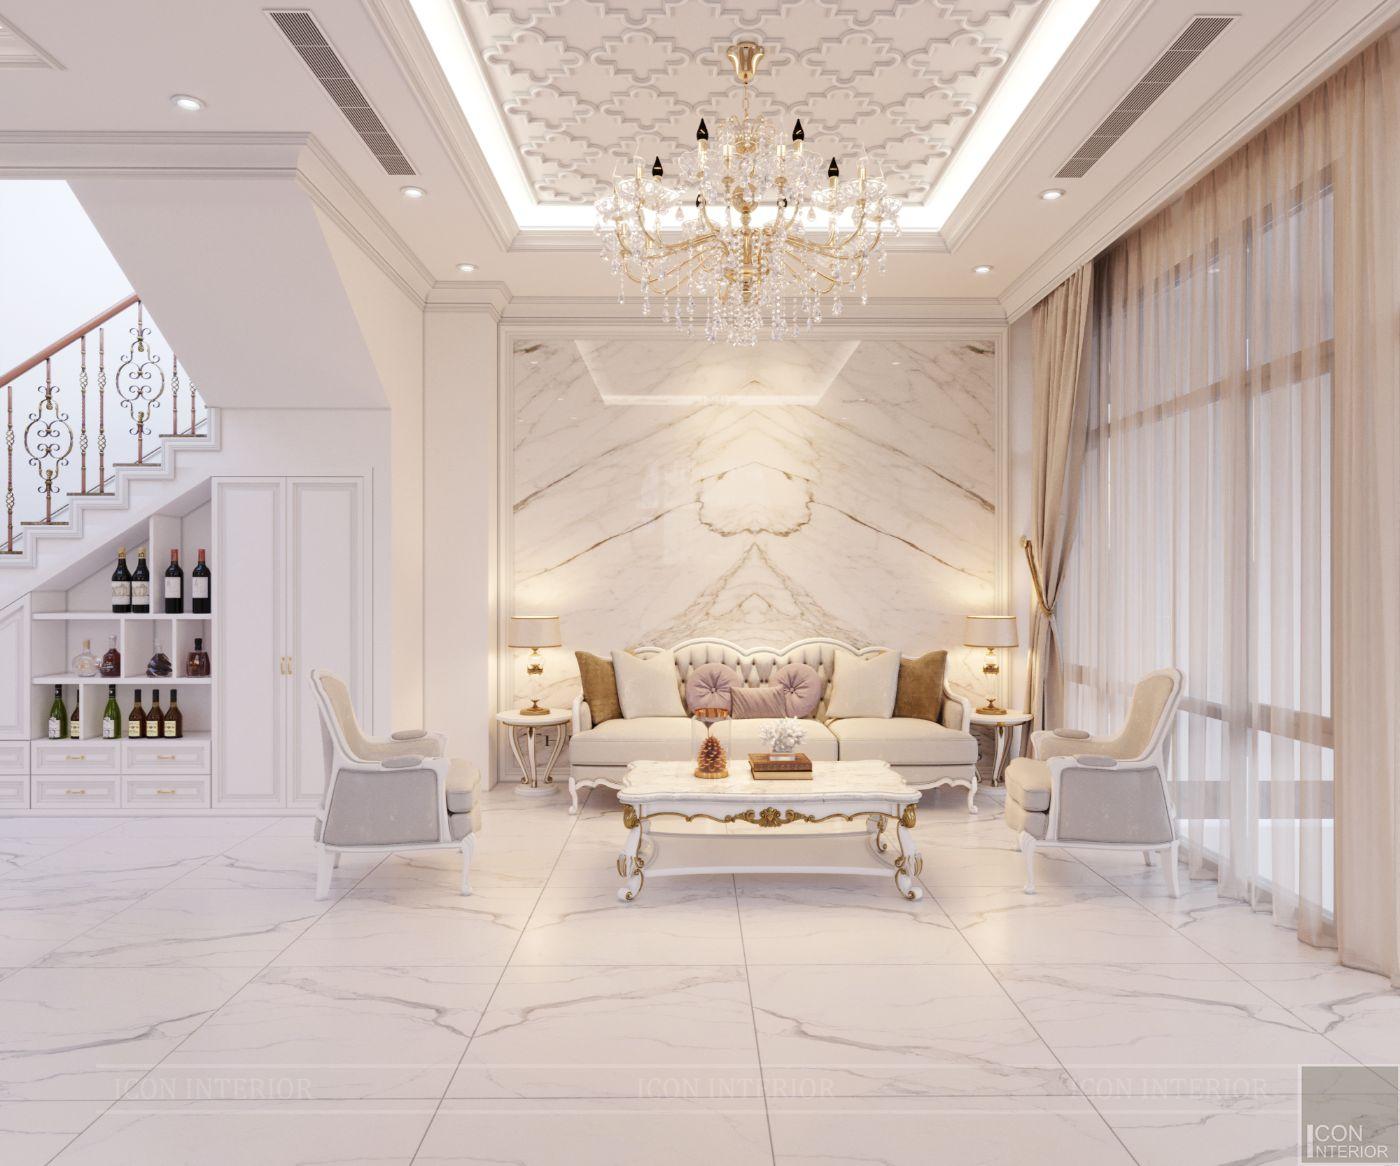 biệt thự tân cổ điển 2 tầng - phòng khách 1